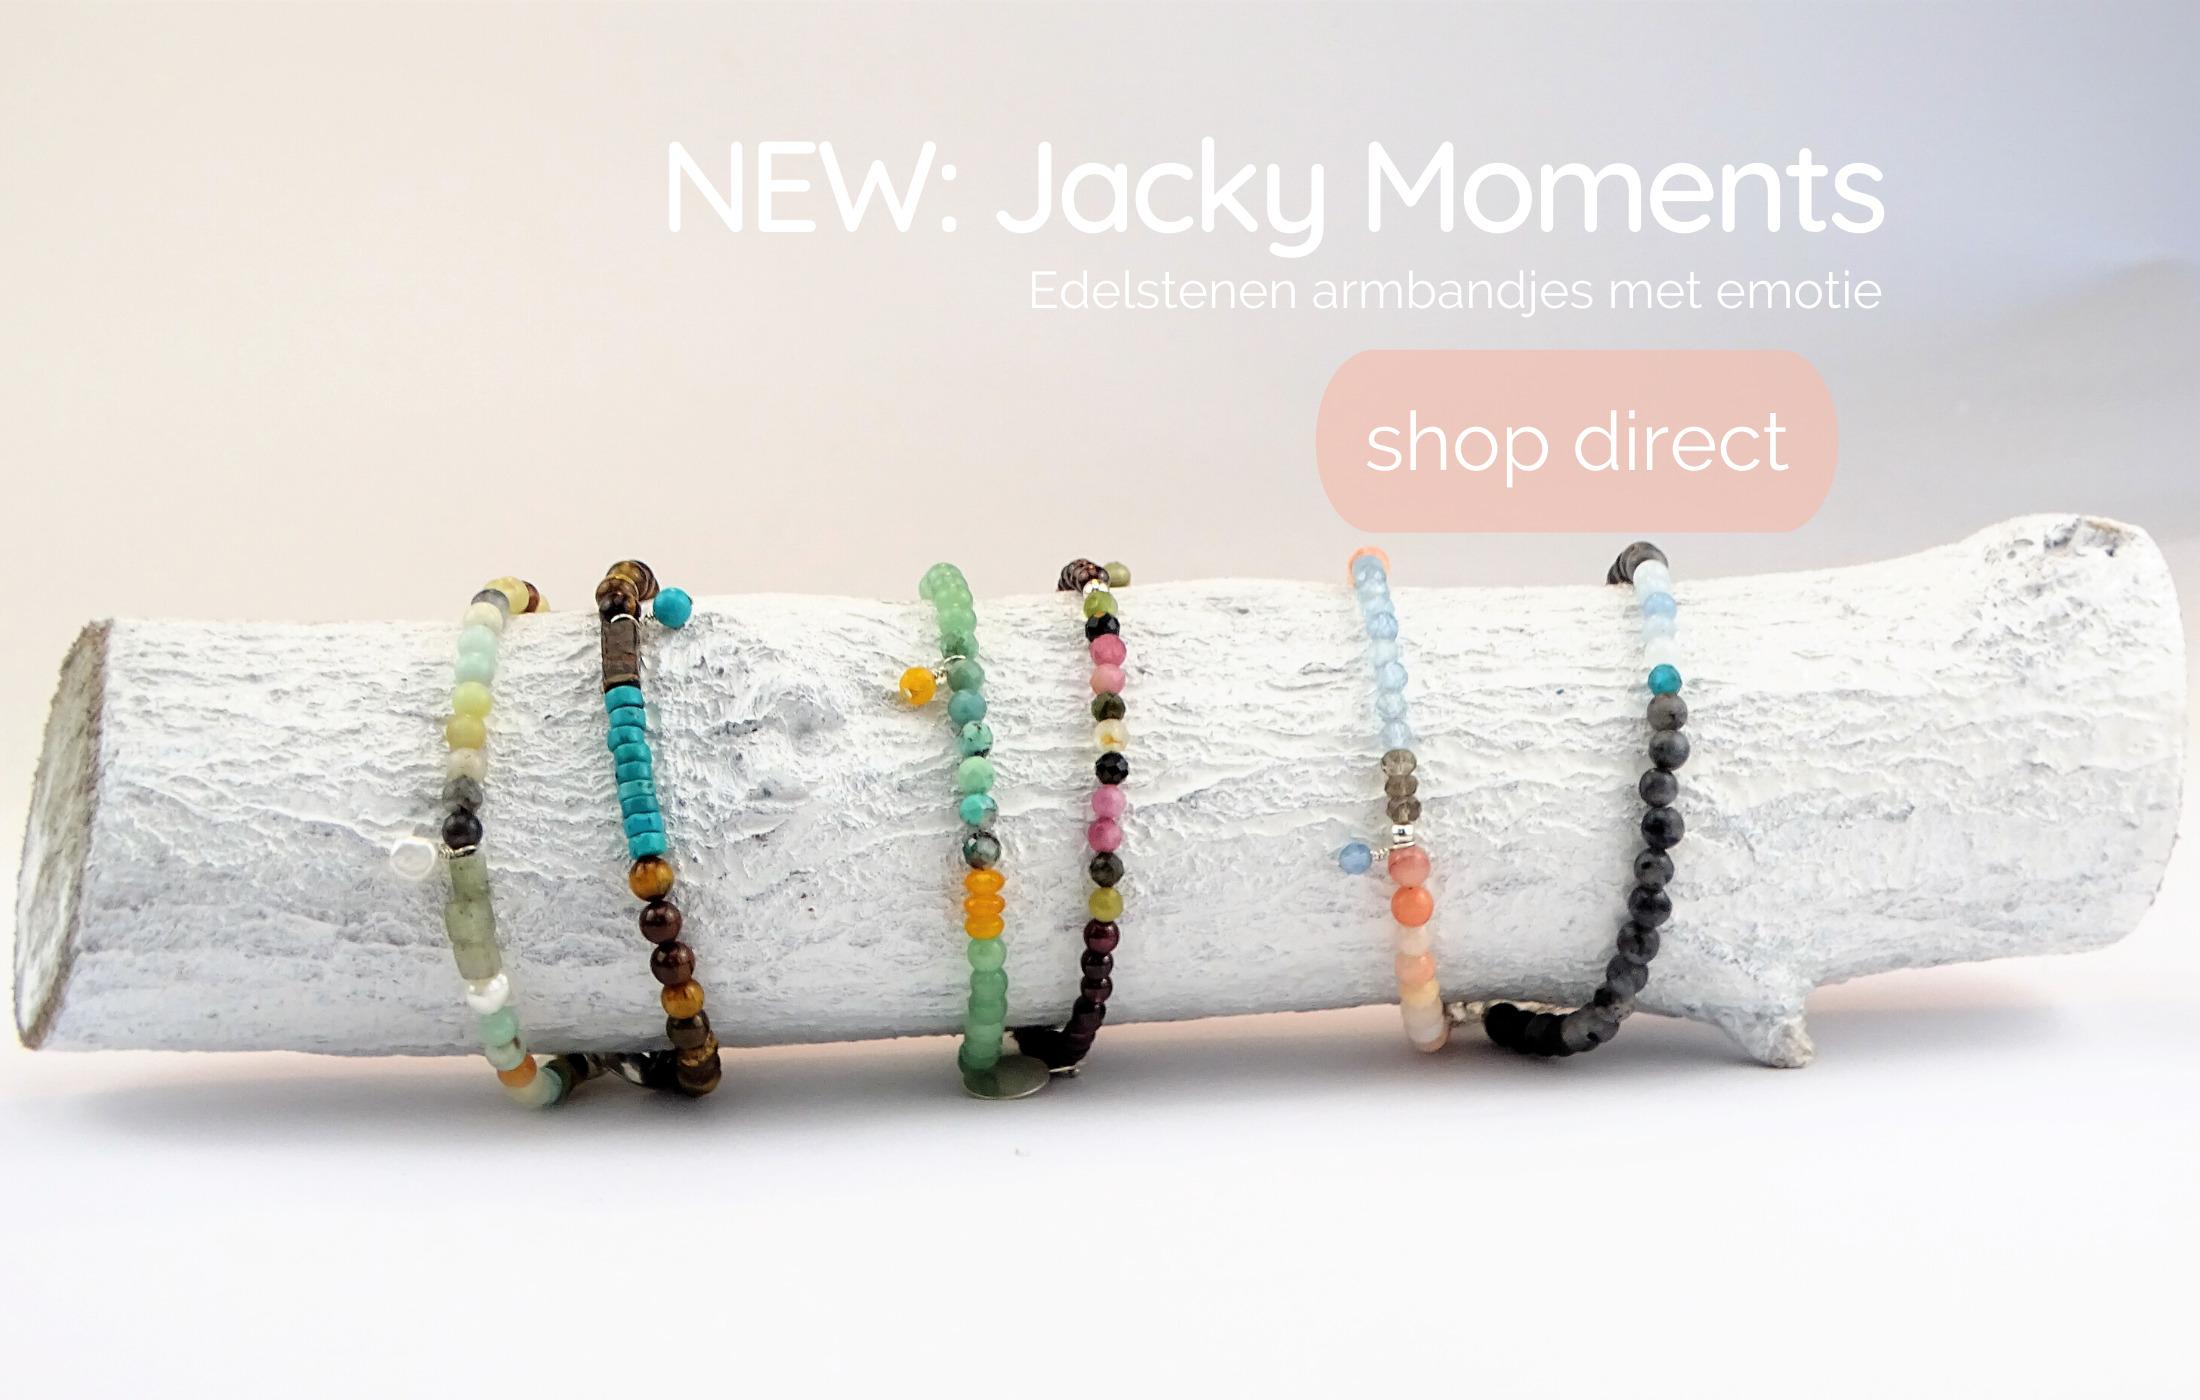 Jacky Moments, edelstenen armbandjes met emotie